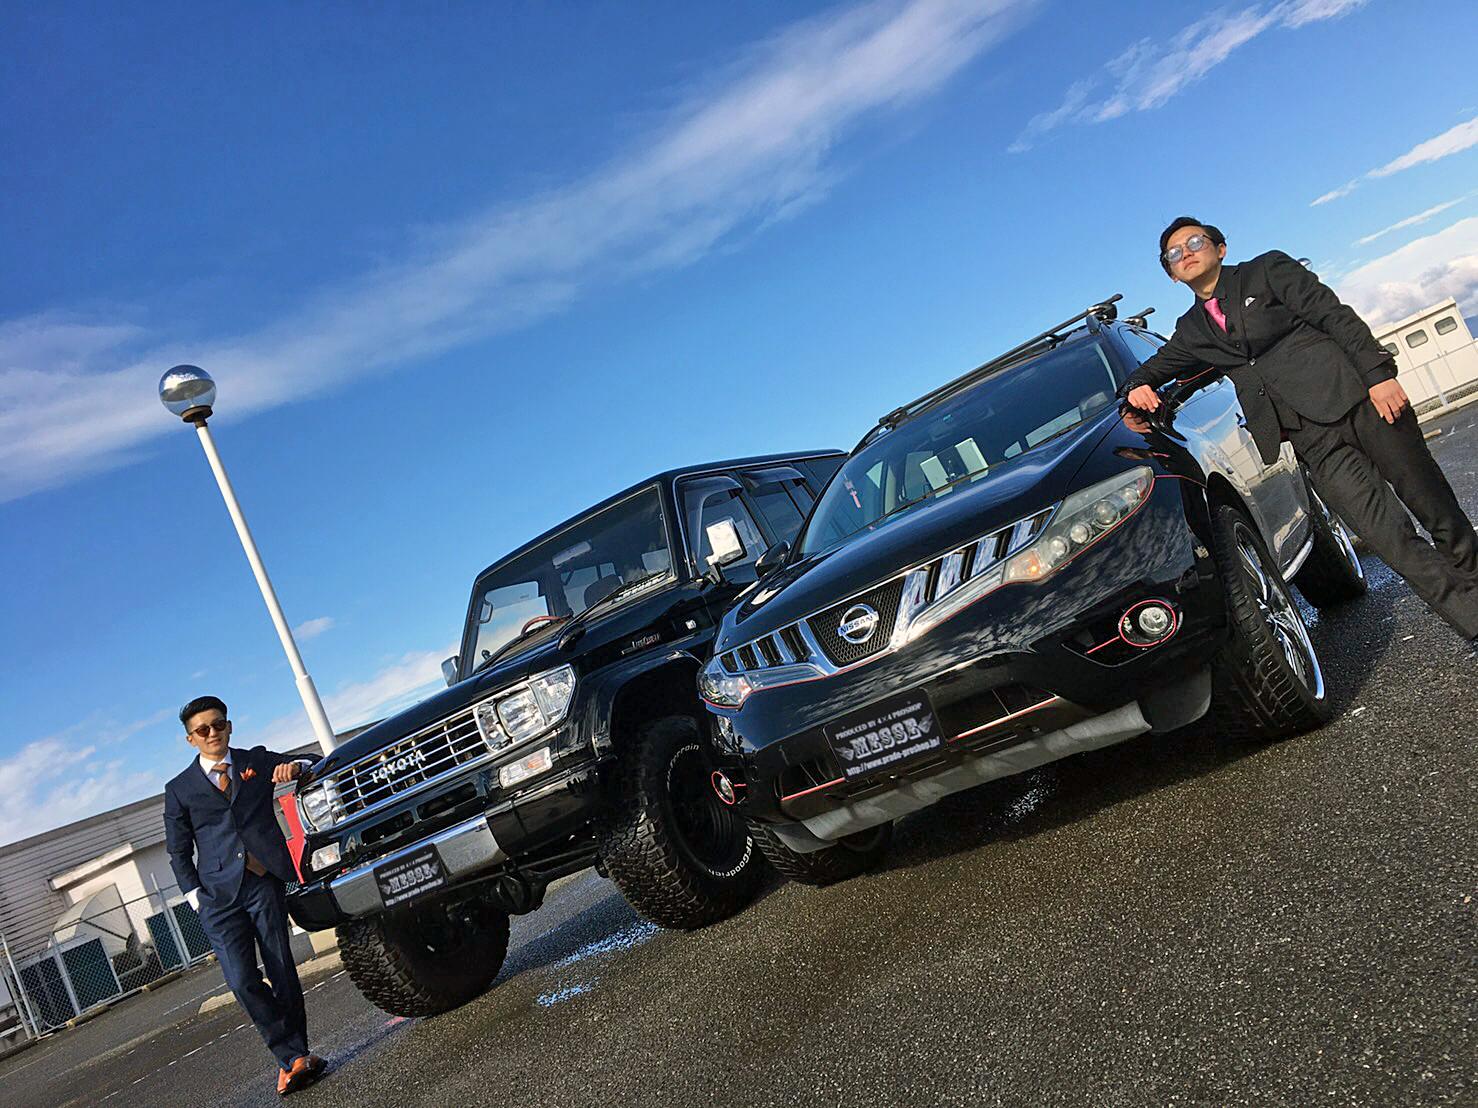 78プラドカスタム中古車長崎県松林さん02